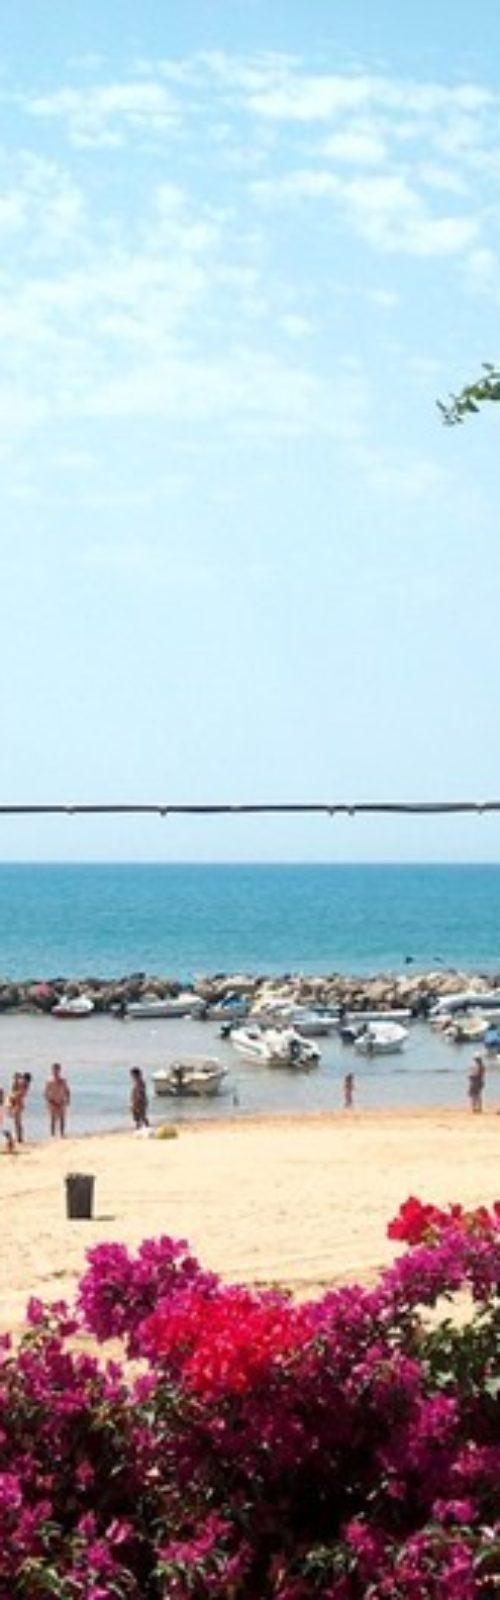 Marina di Palma 07